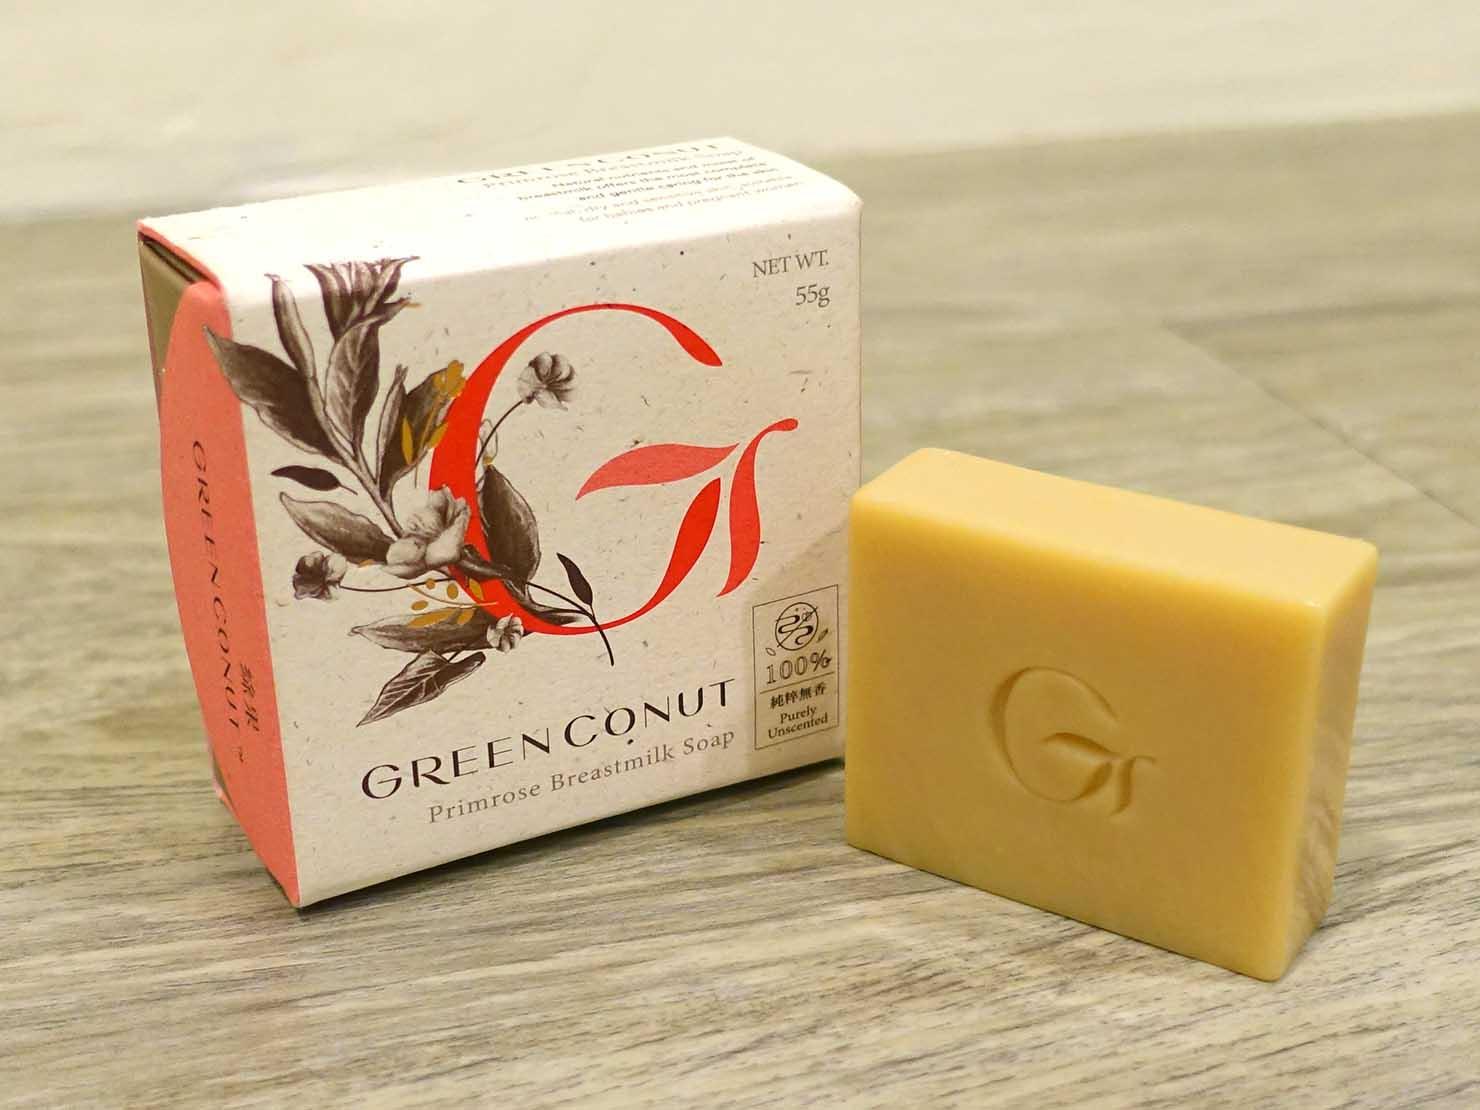 台北おみやげにおすすめのコスメブランド・綠果の「月見草母乳皂」パッケージ